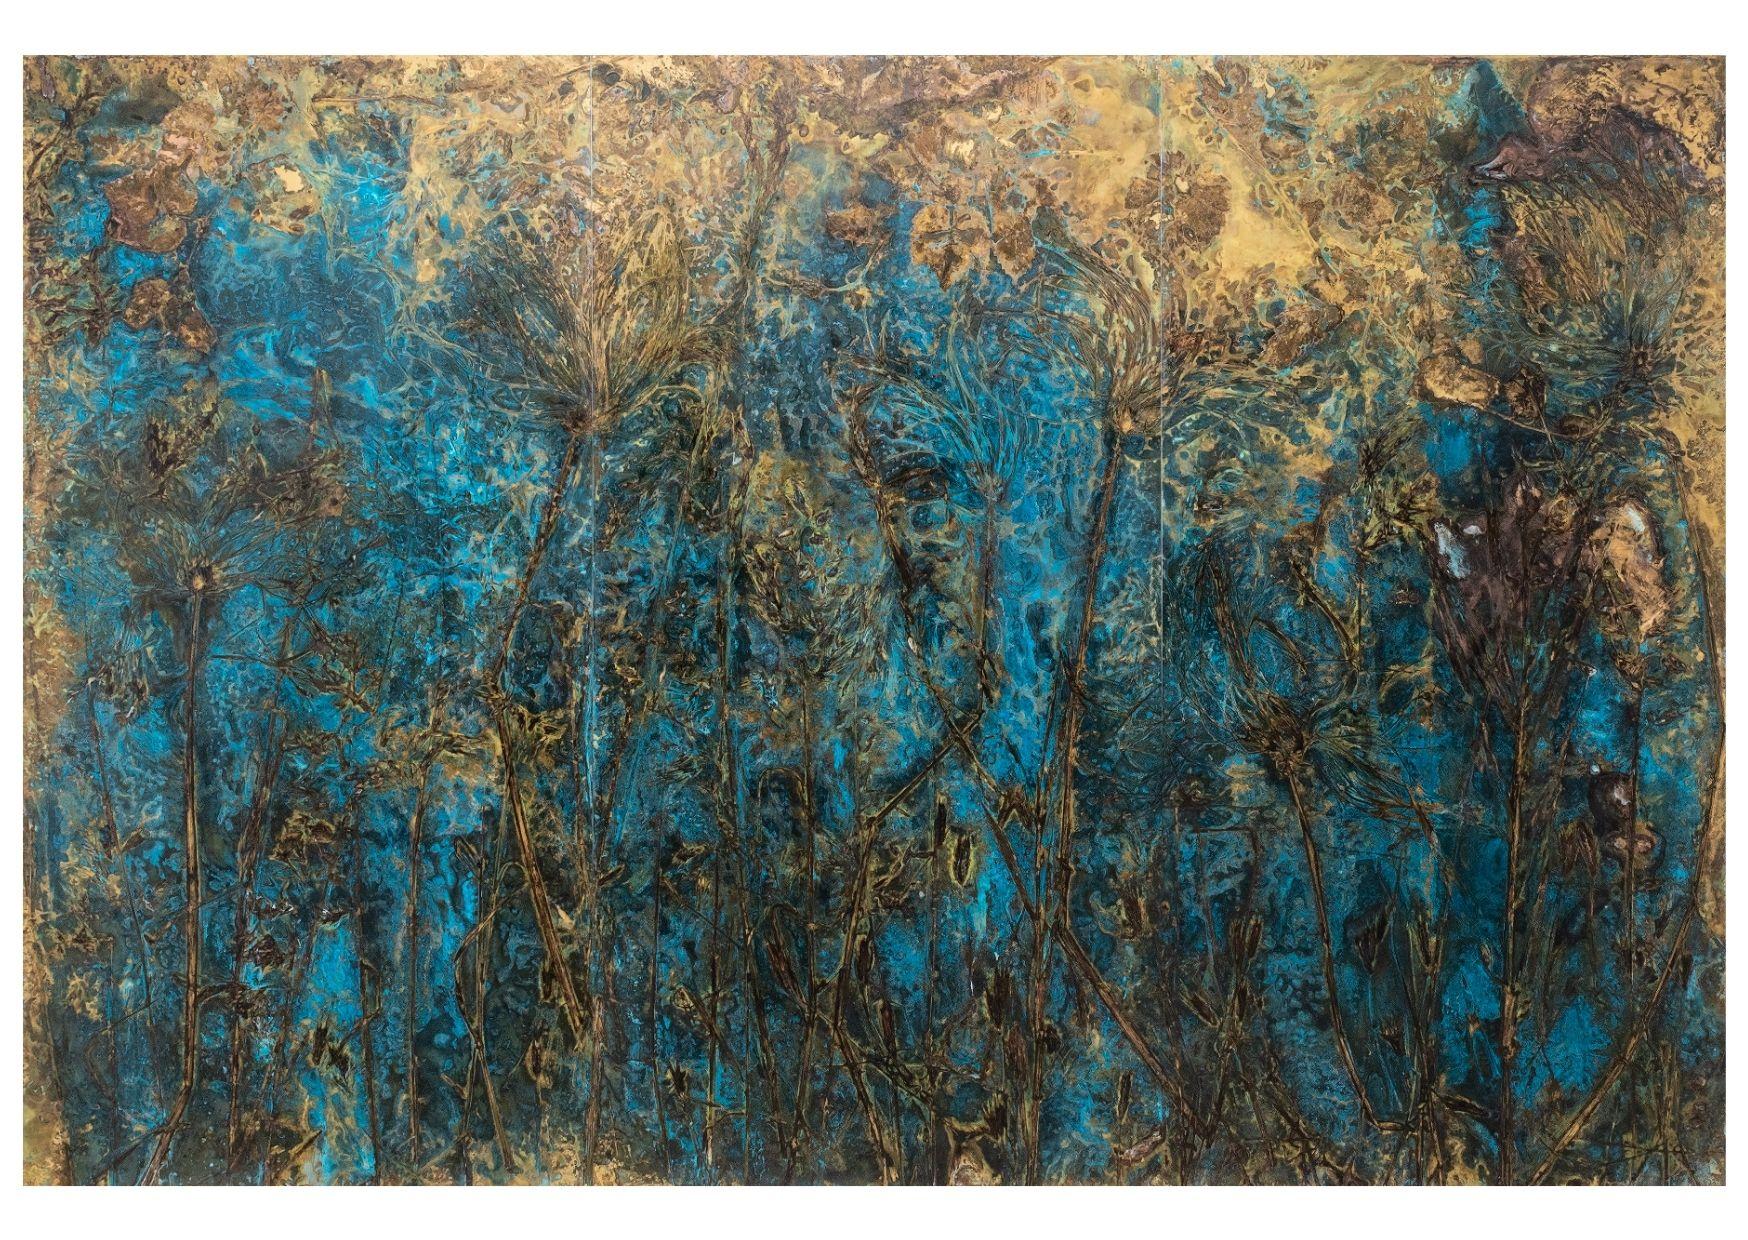 """""""N. 42.5943558, E. 11.4924375"""" 2021, ossidazione su ottone, trittico, 200 x 300 cm totali"""